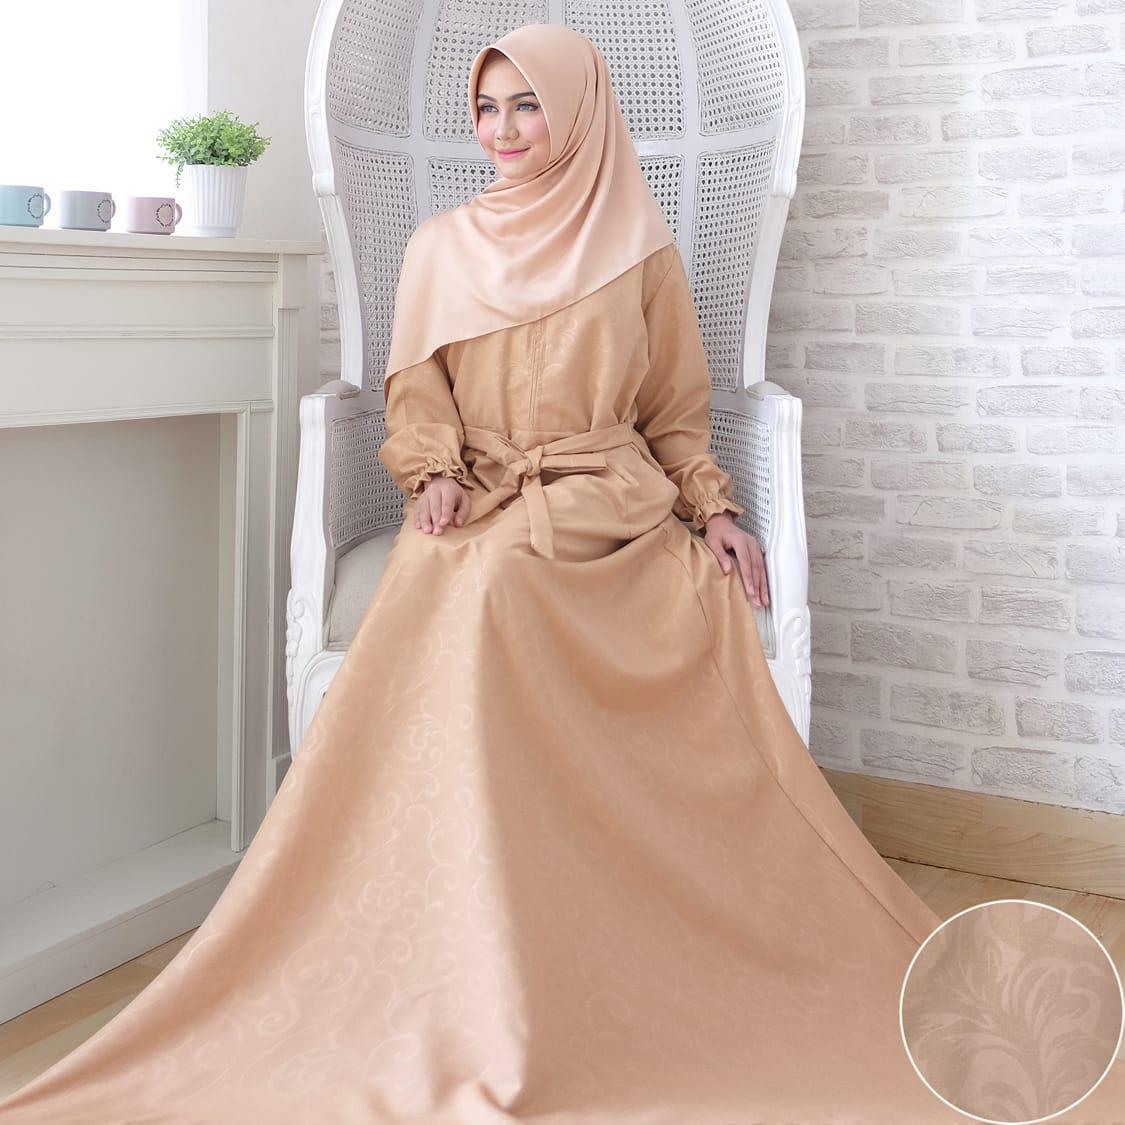 93+ Populer Warna Jilbab Yang Cocok Untuk Baju Warna